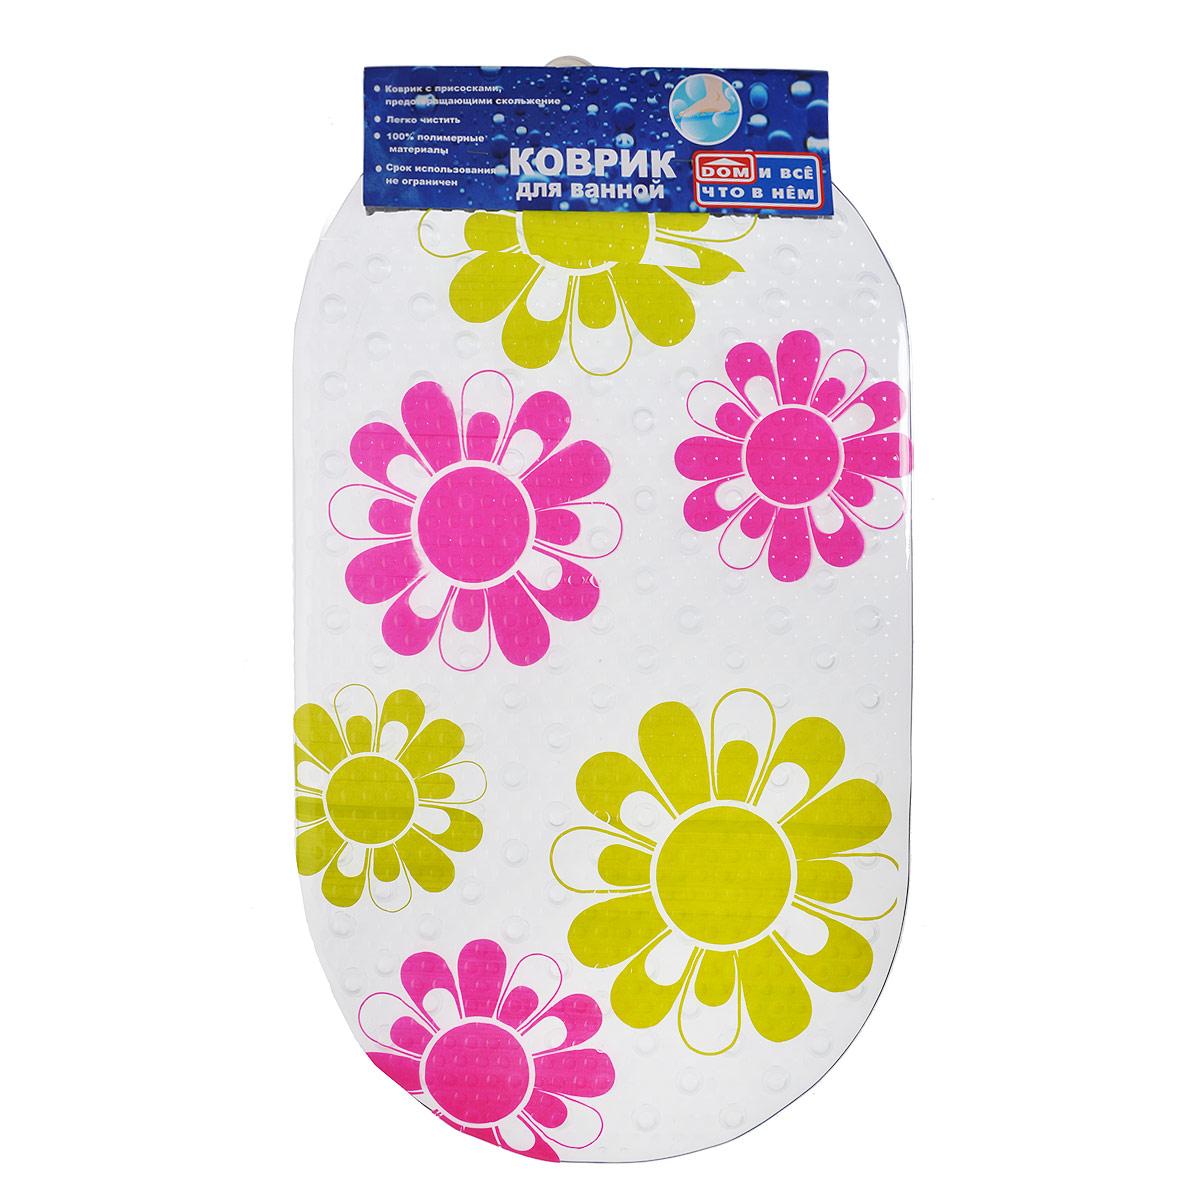 Коврик для ванны Цветы, цвет: желтый, розовый, 67 х 37 см850-402-00Коврик для ванны и душевой кабины Цветы, выполненный из винила и оформленный рисунком в виде цветов. Противоскользящий коврик для ванны - это хорошая защита детей и взрослых от неожиданных падений на гладкой мокрой поверхности. Коврик очень плотно крепится ко дну множеством присосок, расположенных по всей изнаночной стороне. Отверстия, предназначенные для пропуска воды, способствуют лучшему сцеплению с поверхностью, таким образом, полностью, исключая скольжение. Принимая душ или ванную, постелите противоскользящий коврик. Это особенно актуально для семьи с маленькими детьми и пожилыми людьми. Характеристики: Материал: винил. Размер: 67 см х 37 см.